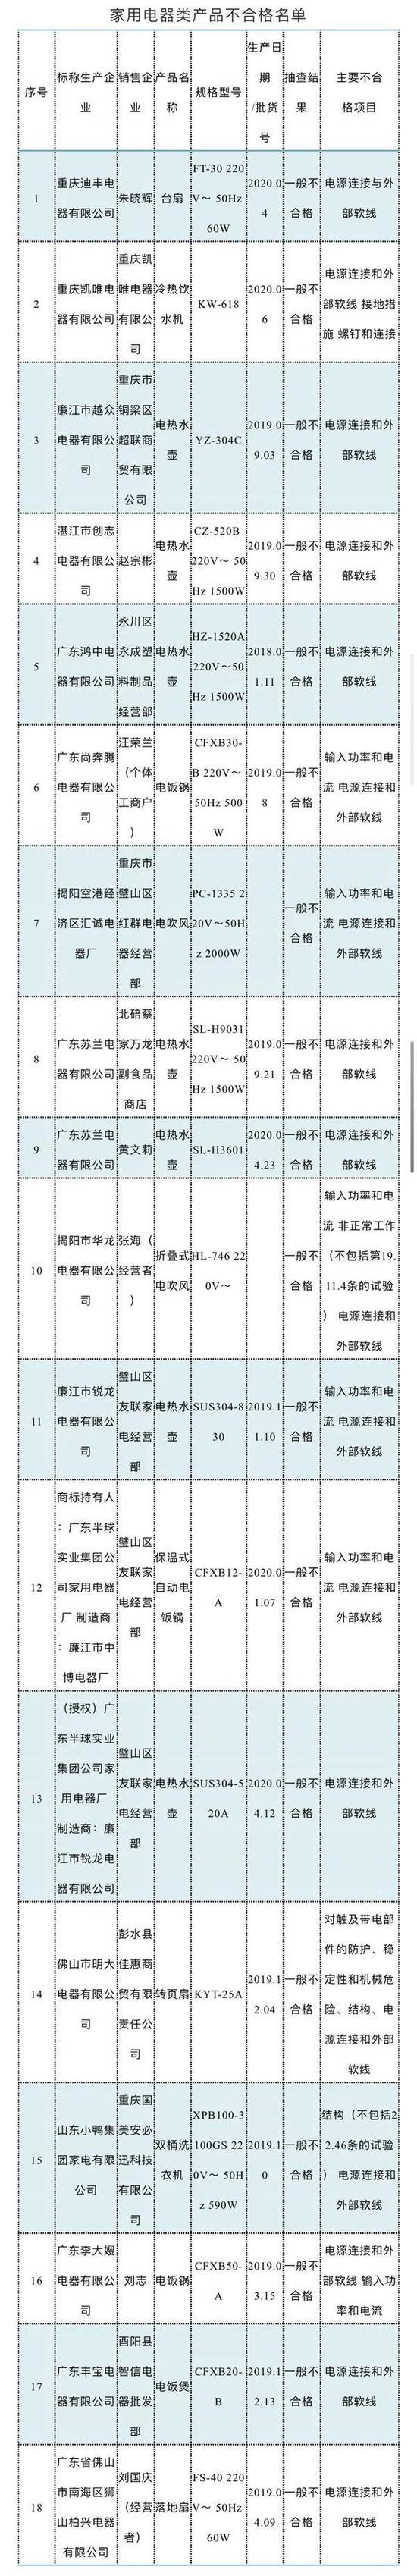 重庆市18批次家电抽查不合格